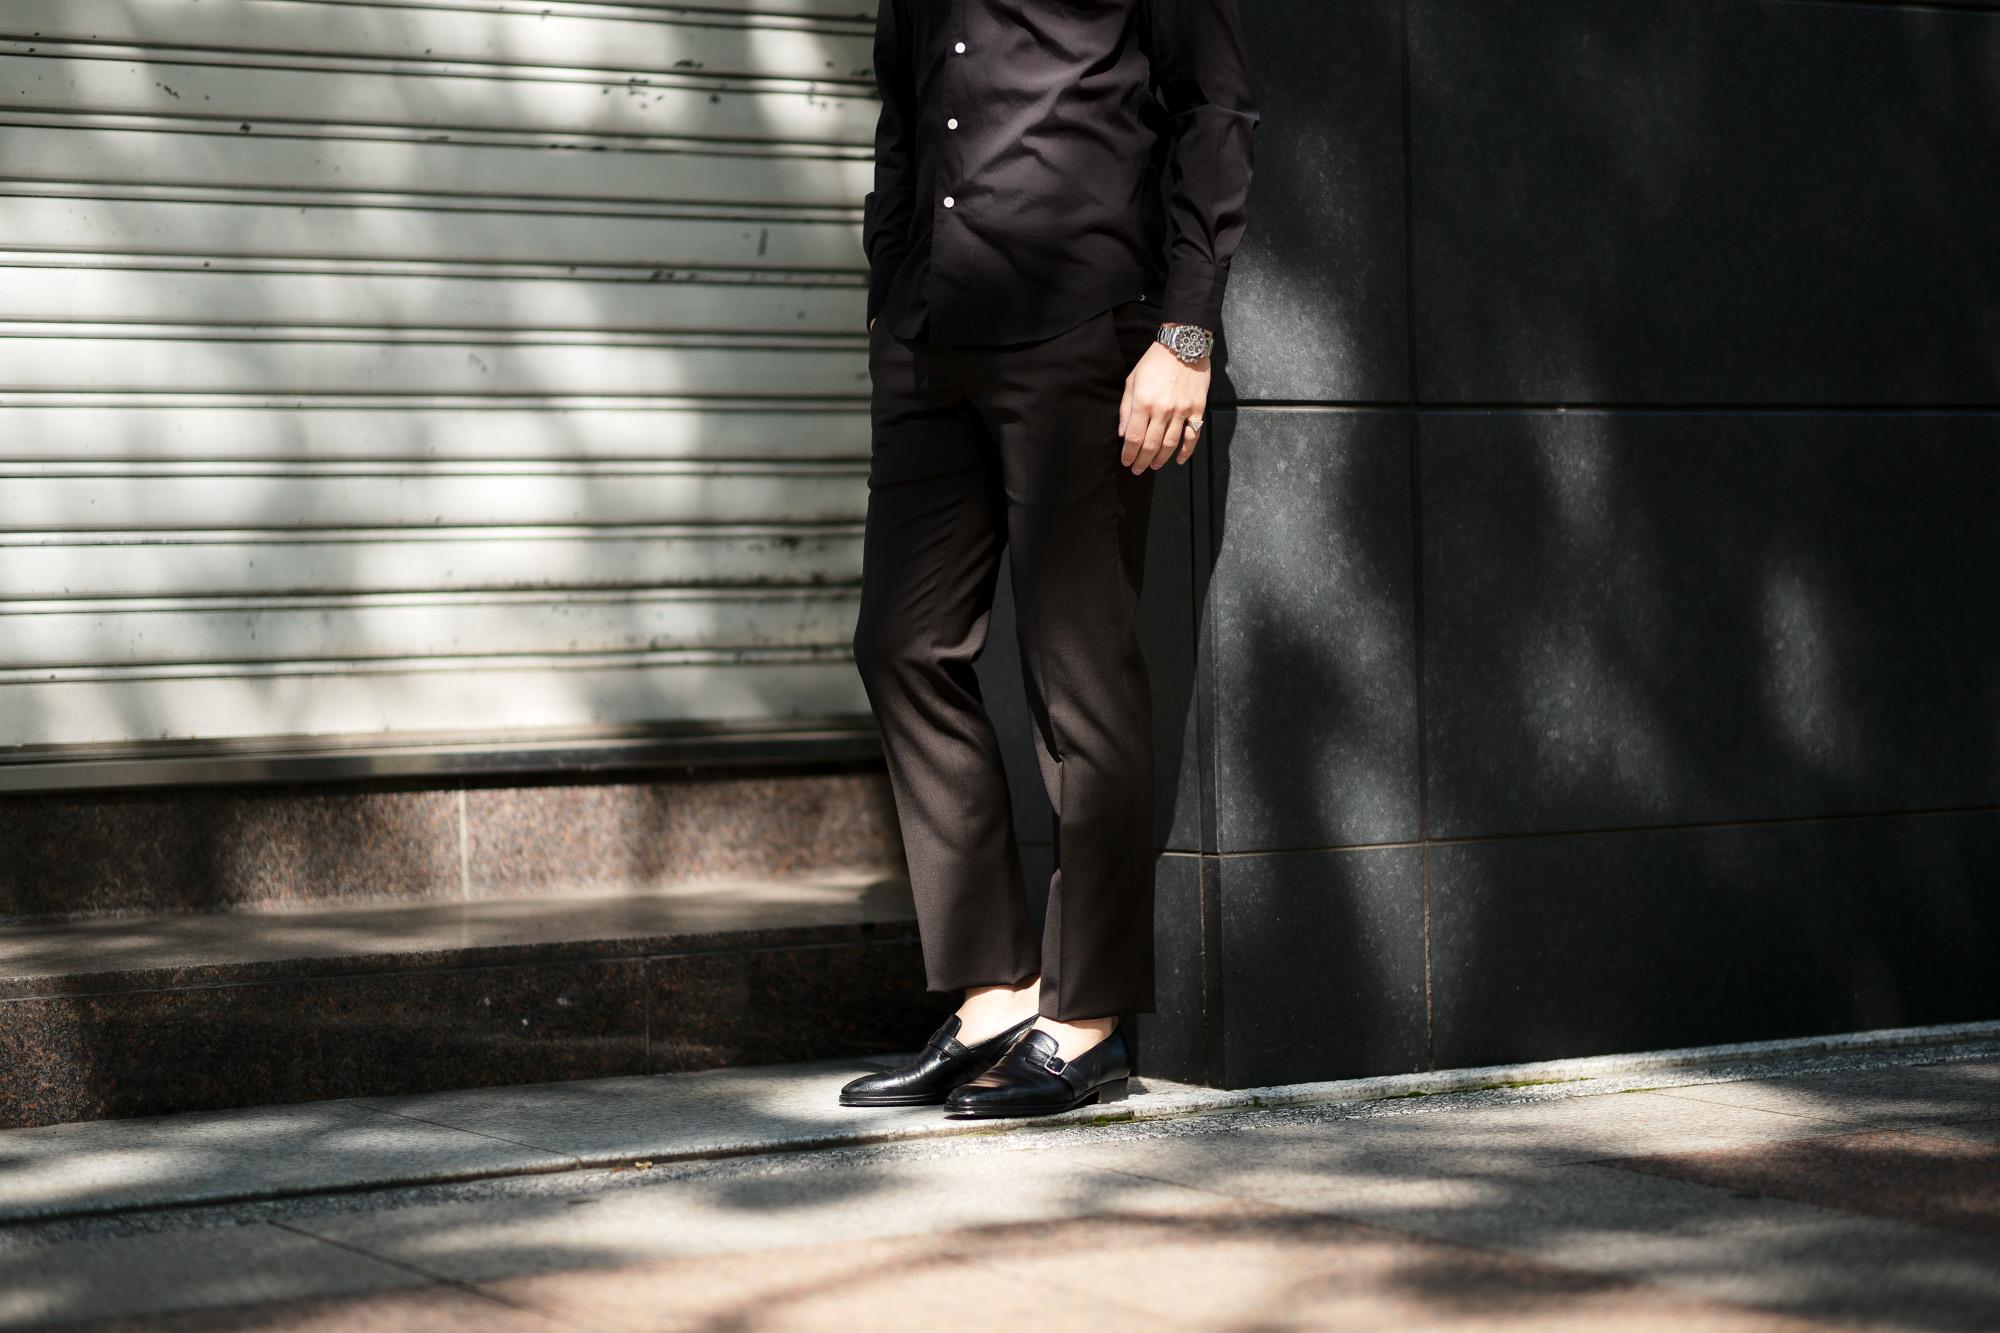 VIGANO(ヴィガーノ) WASHABLE SLACKS (ウォッシャブル スラックス) ウォッシャブル トロピカルウール テーパード スラックス BROWN (ブラウン・386) MADE IN ITALY (イタリア製) 2020 春夏新作 愛知 名古屋 altoediritto アルトエデリット